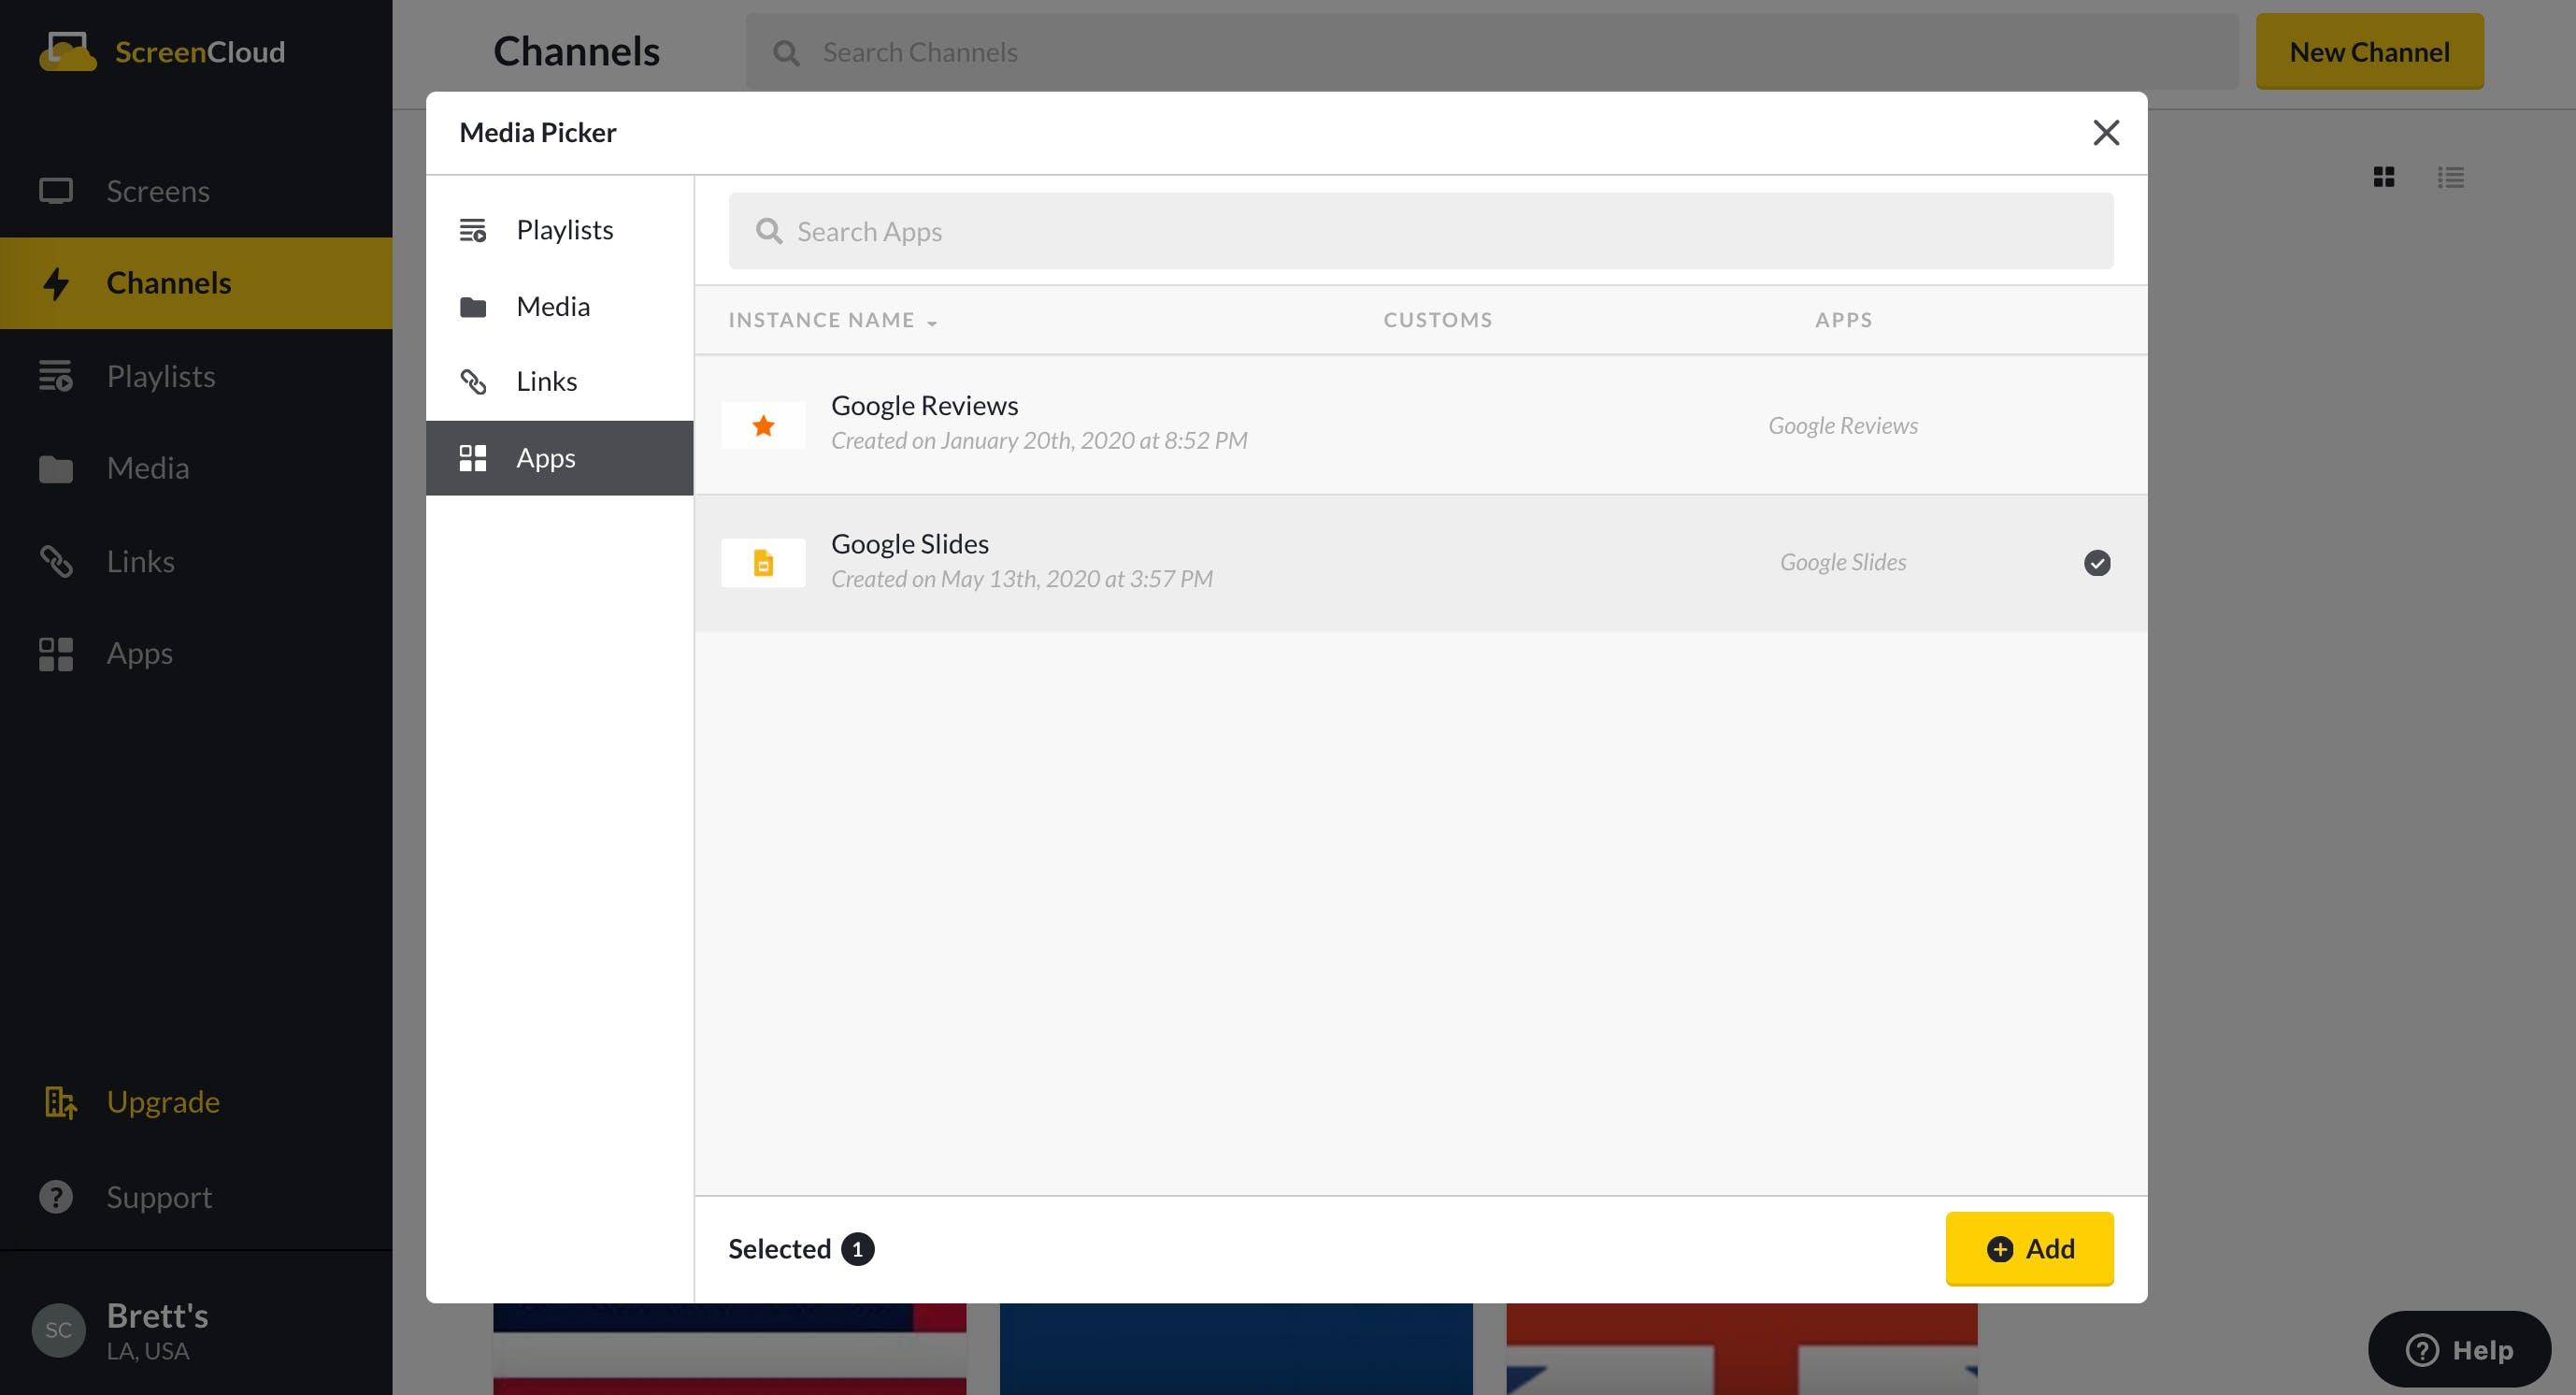 Google Slides App Guide - Media picker 5.13.2020.png